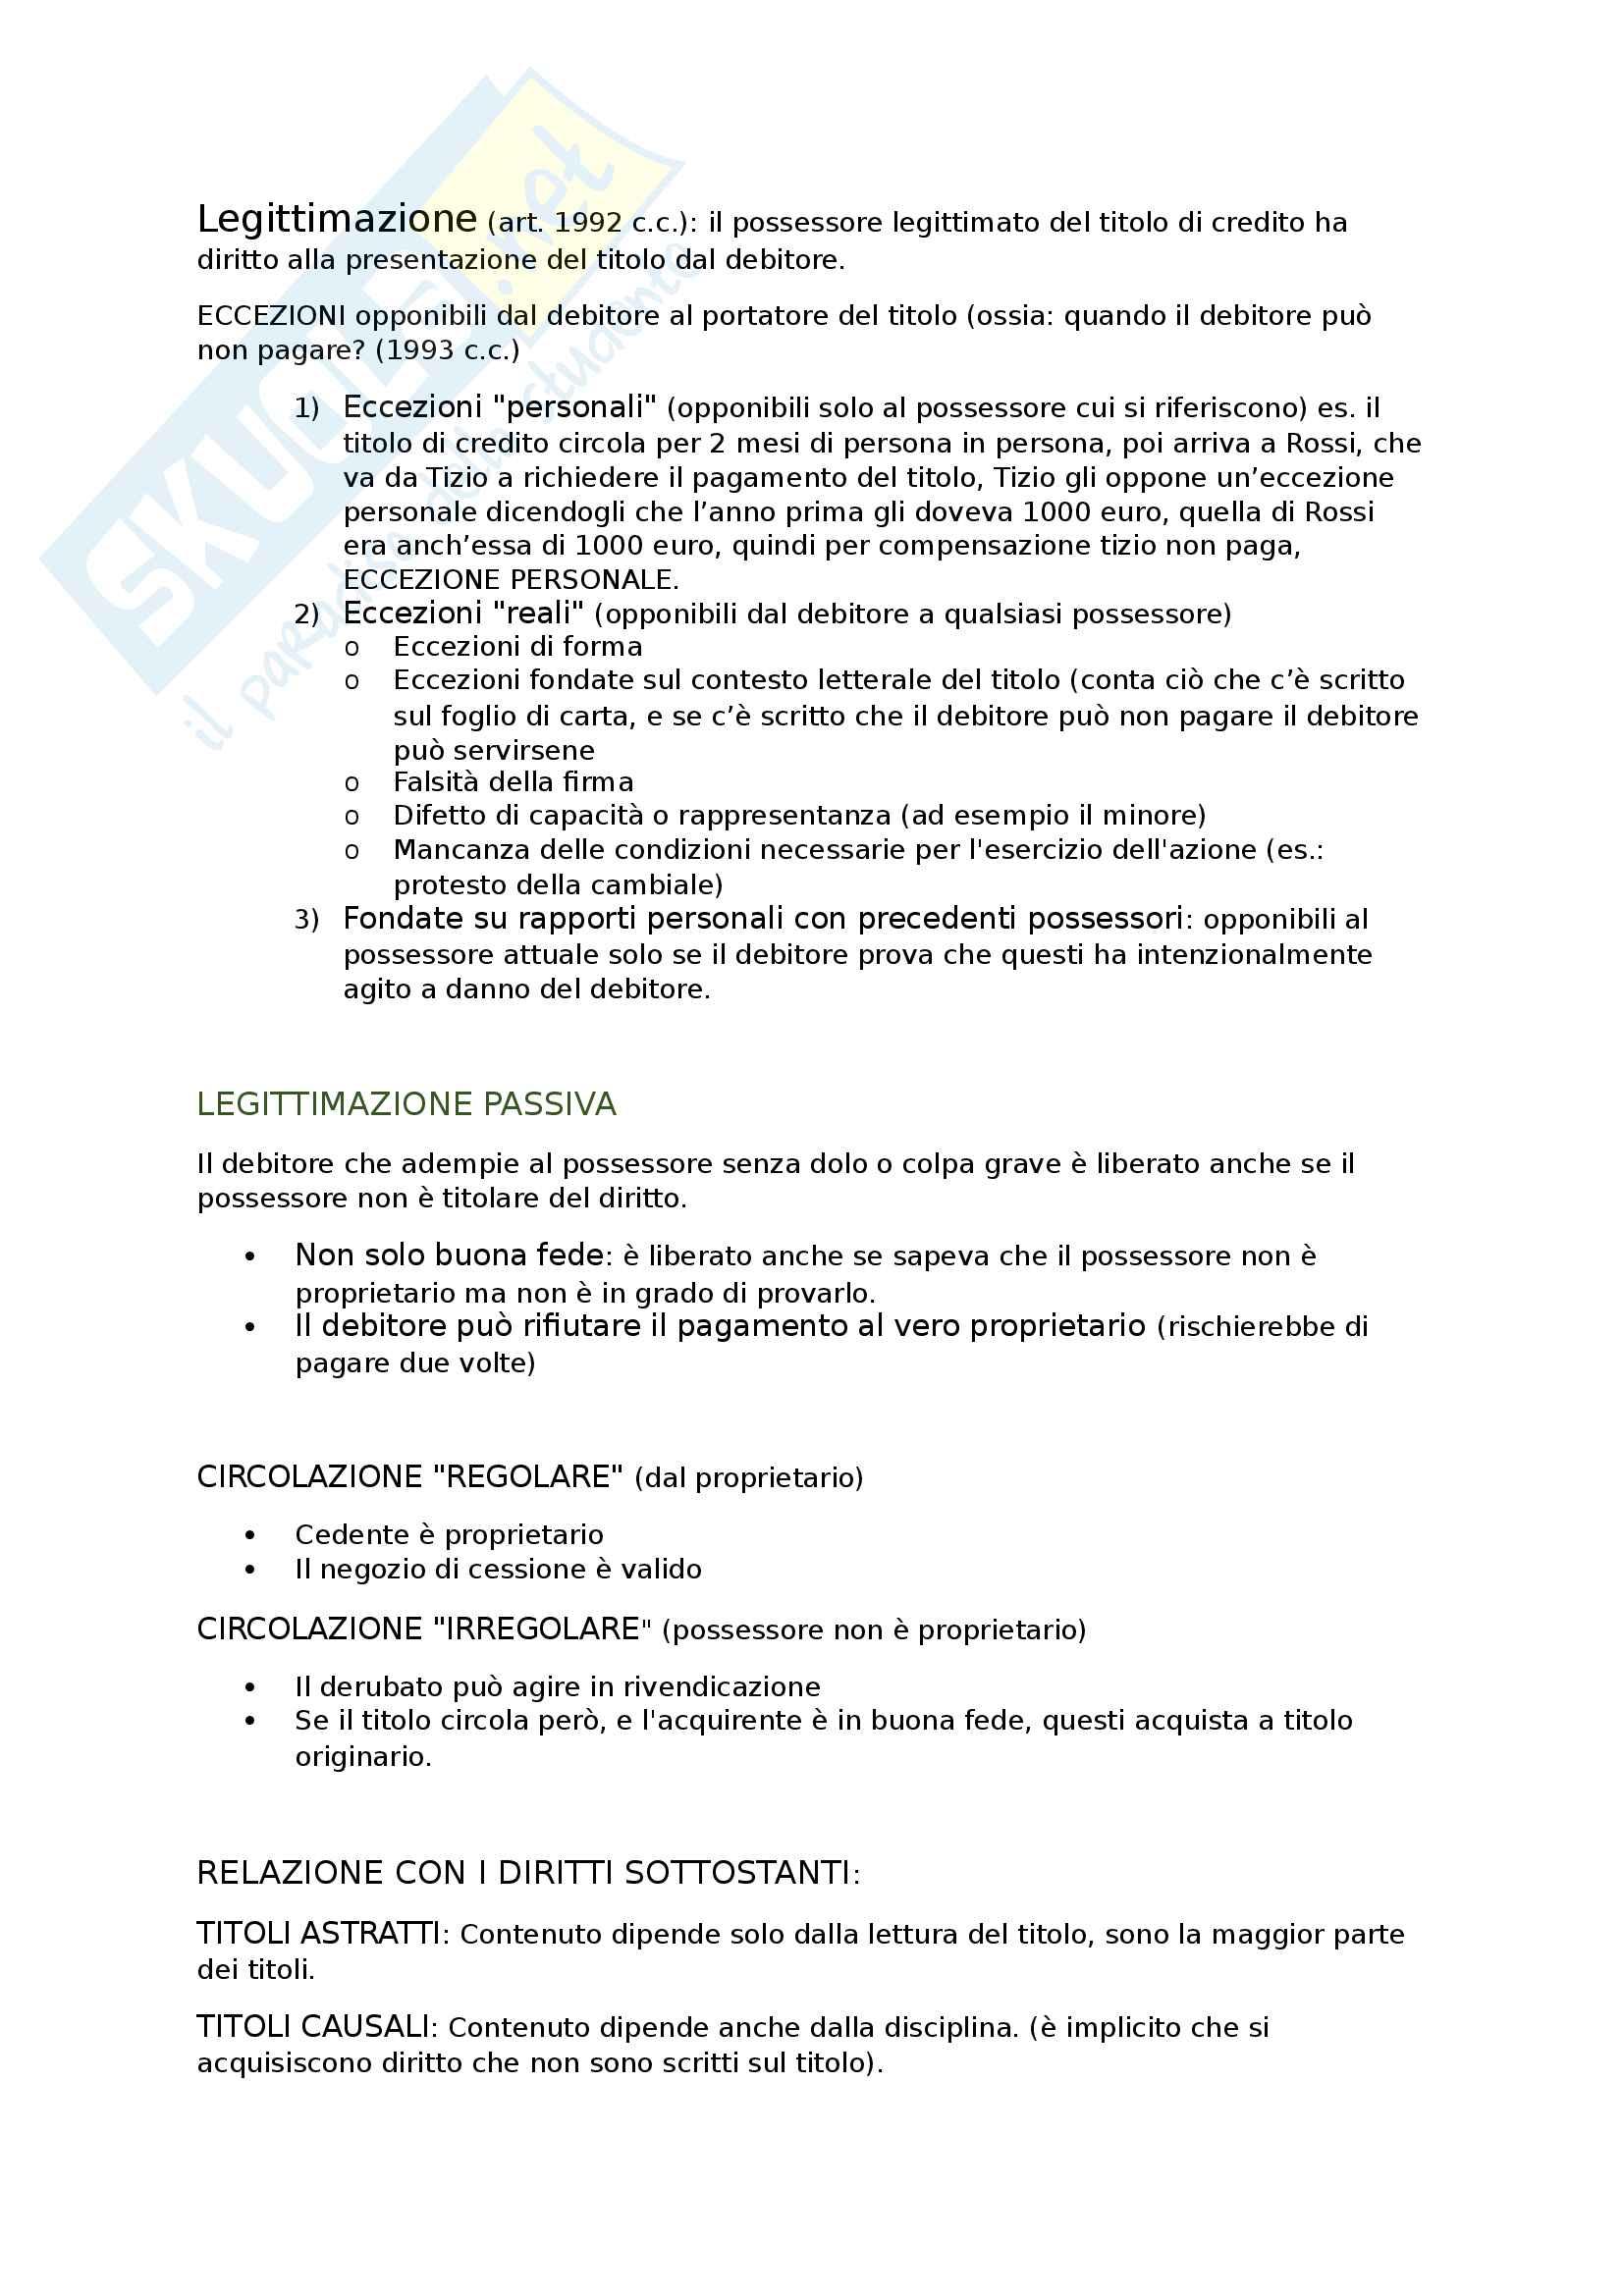 Riassunto esame diritto commerciale, prof Mucciarelli, libro consigliato Manuale di diritto commerciale di Campobasso - parte II: i titoli Pag. 2